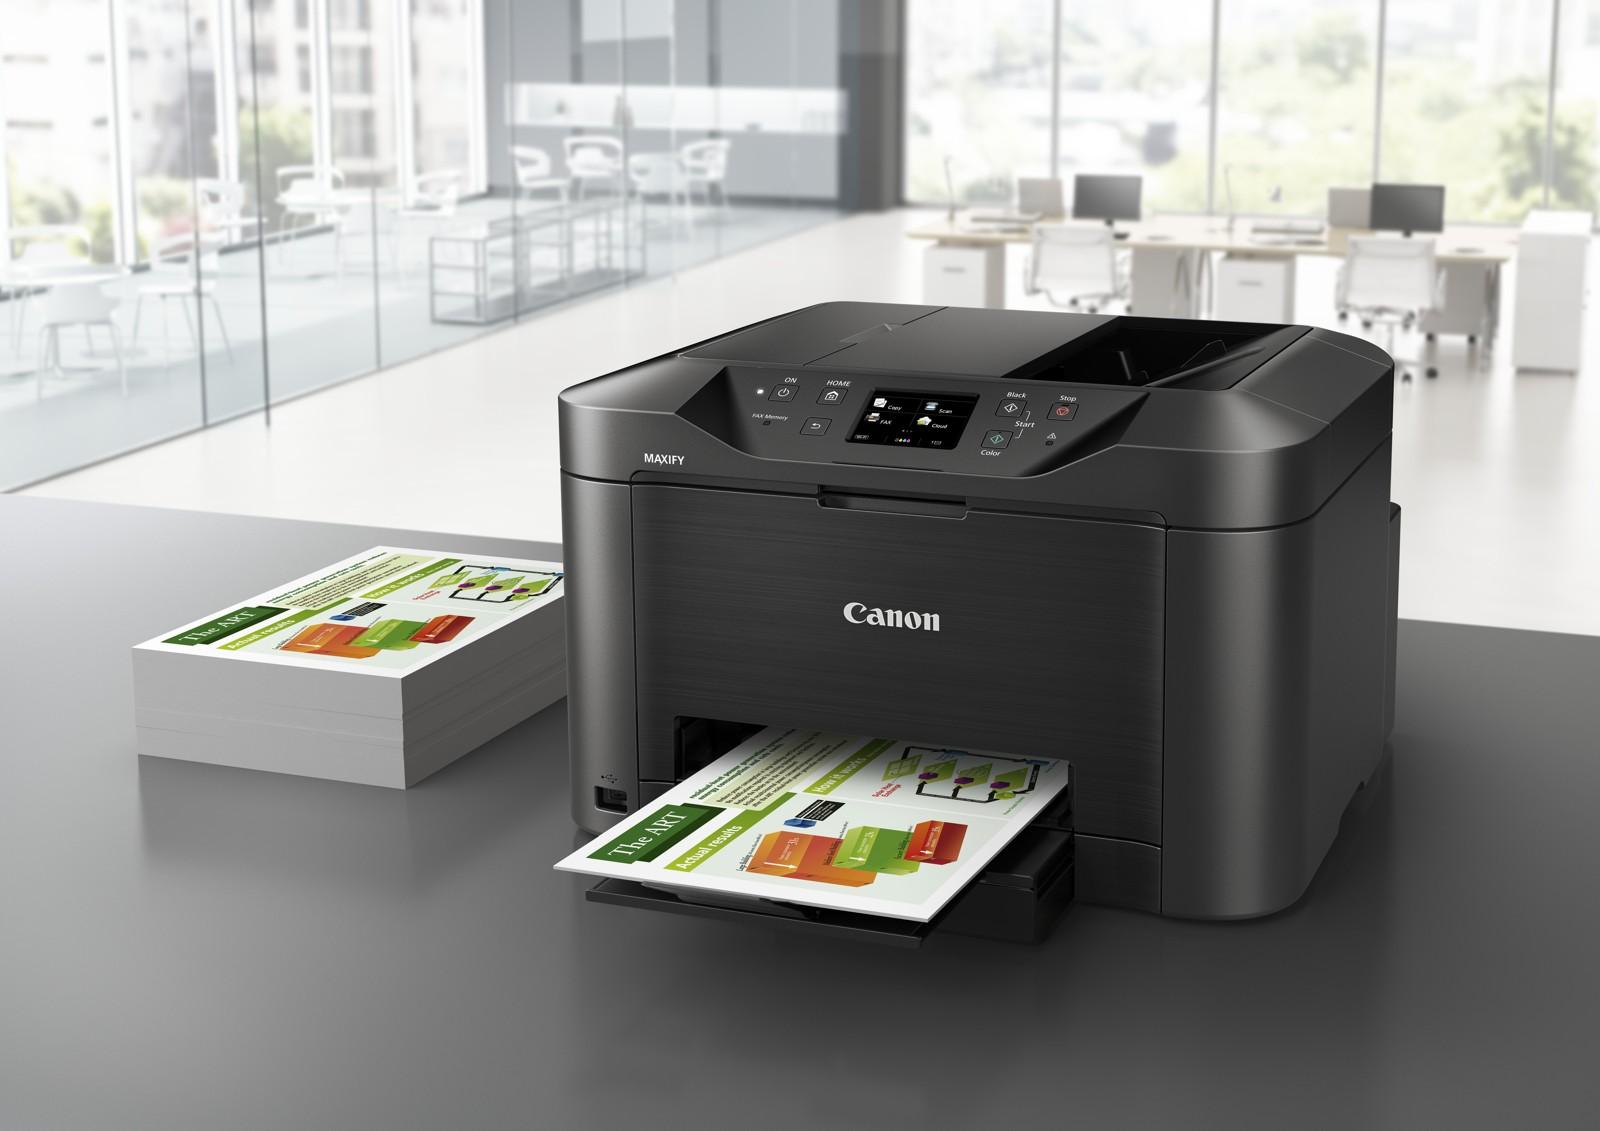 Umweltfreundliche Beschaffung von Druckern und Multifunktionsgeräten